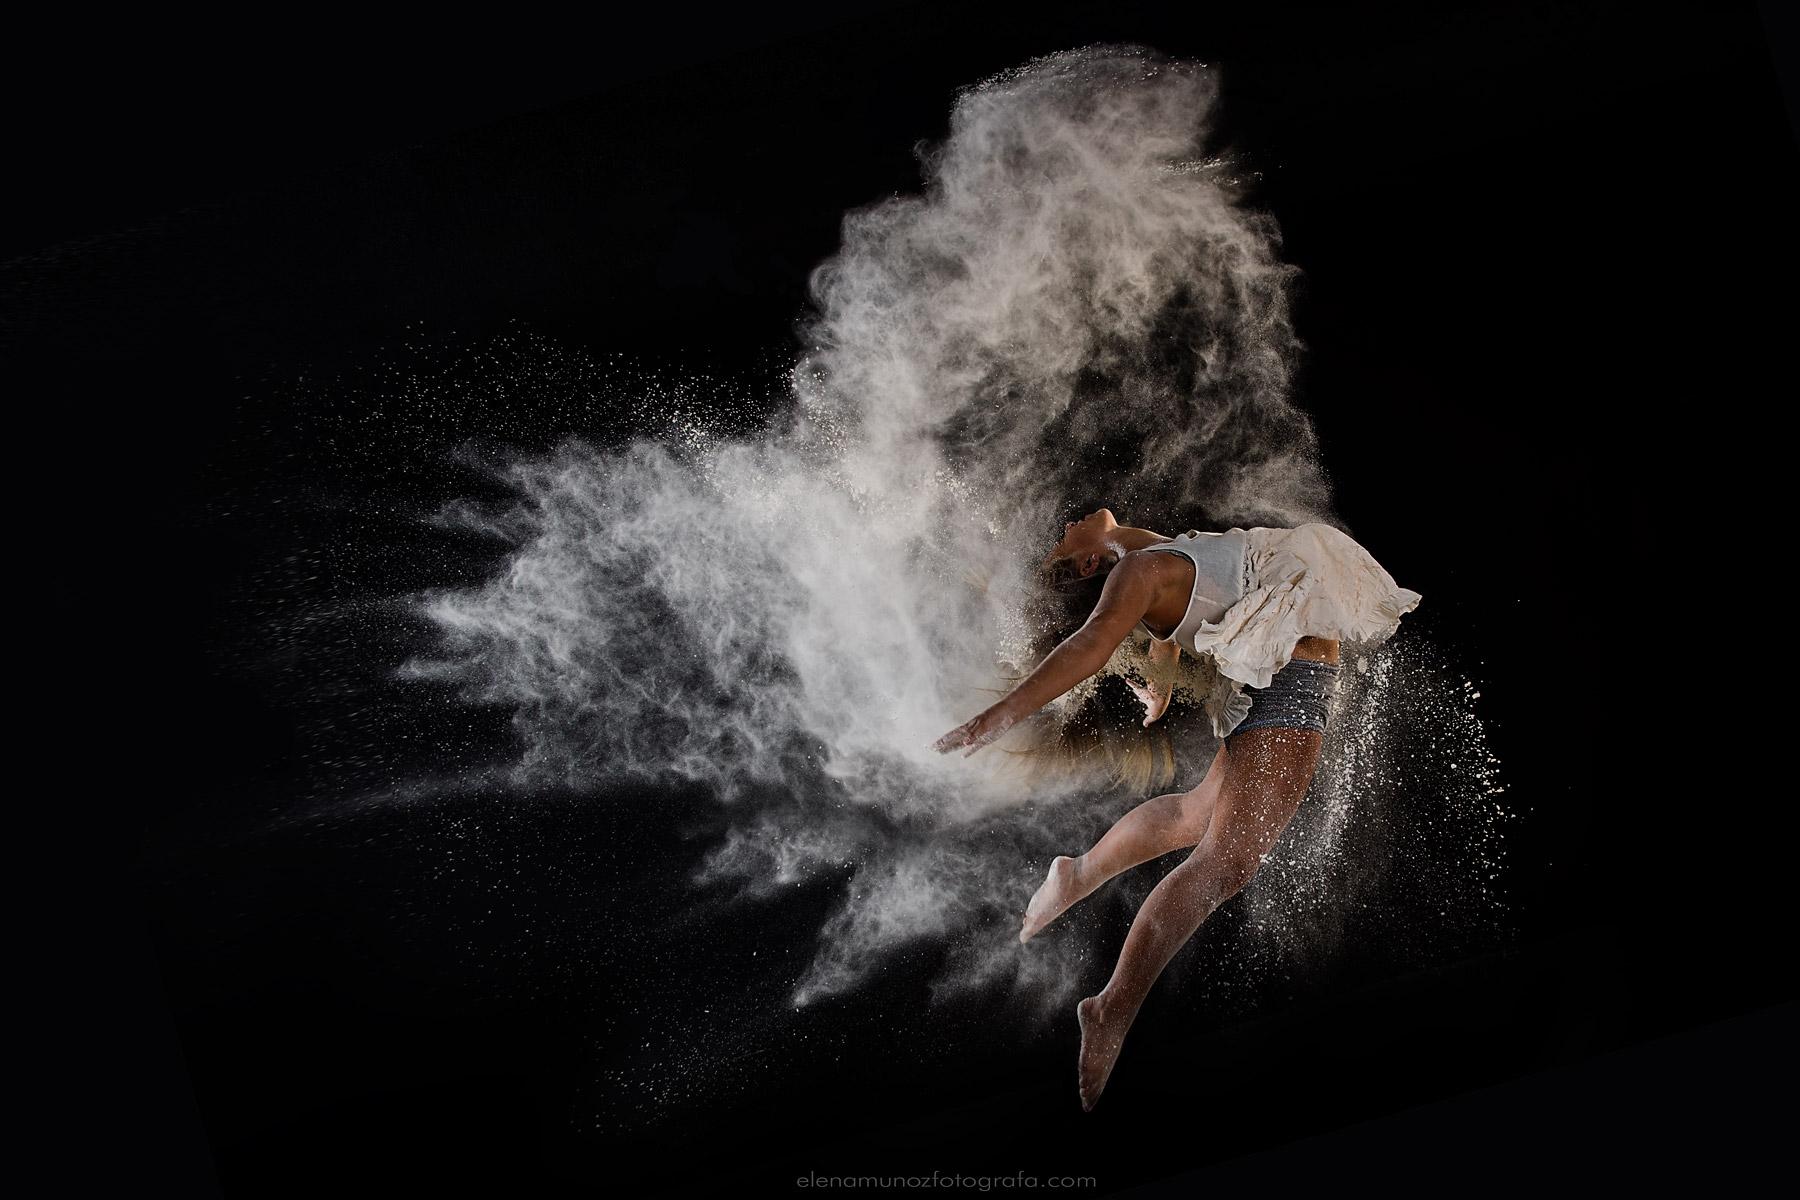 Flour dance photography